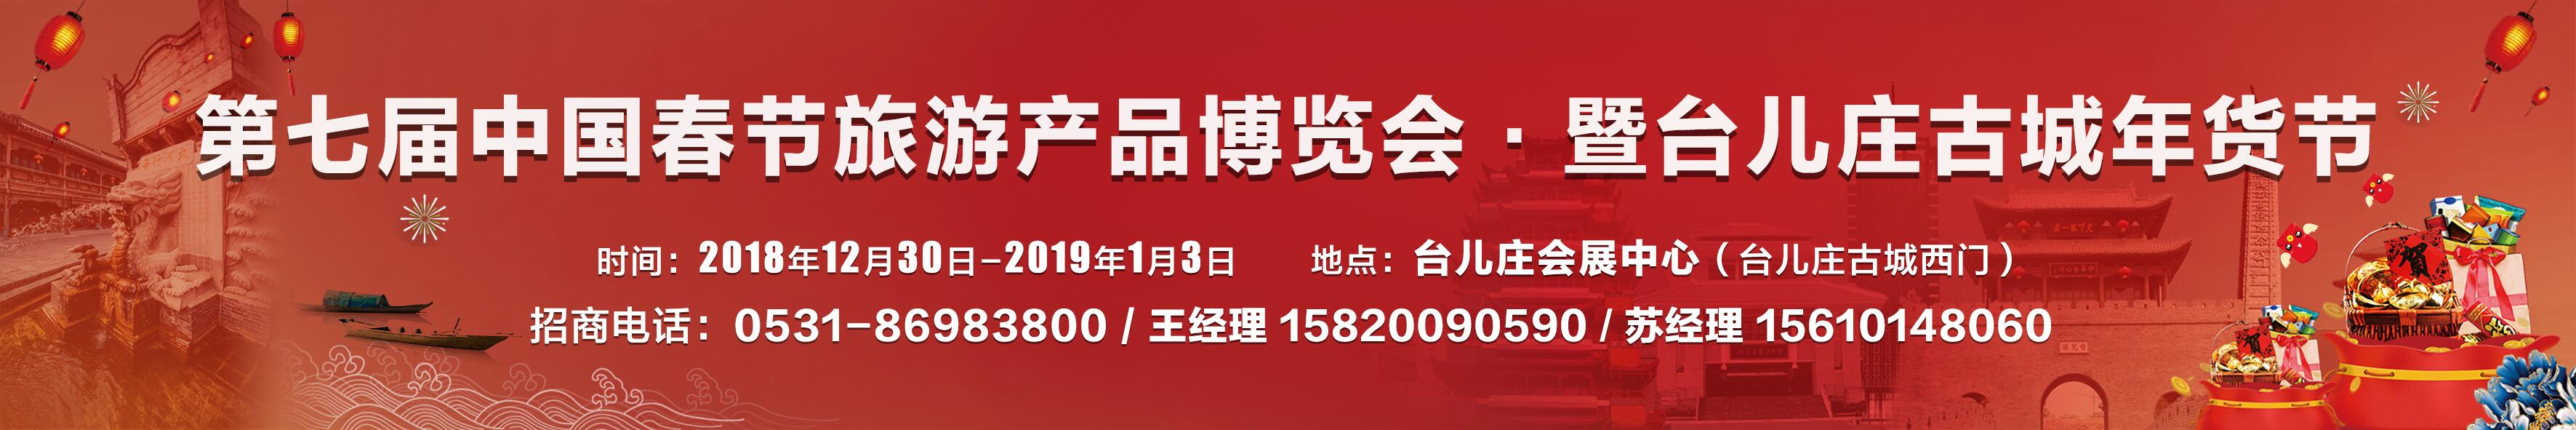 第七届中国春节旅游产品博览会暨台儿庄古城年货节